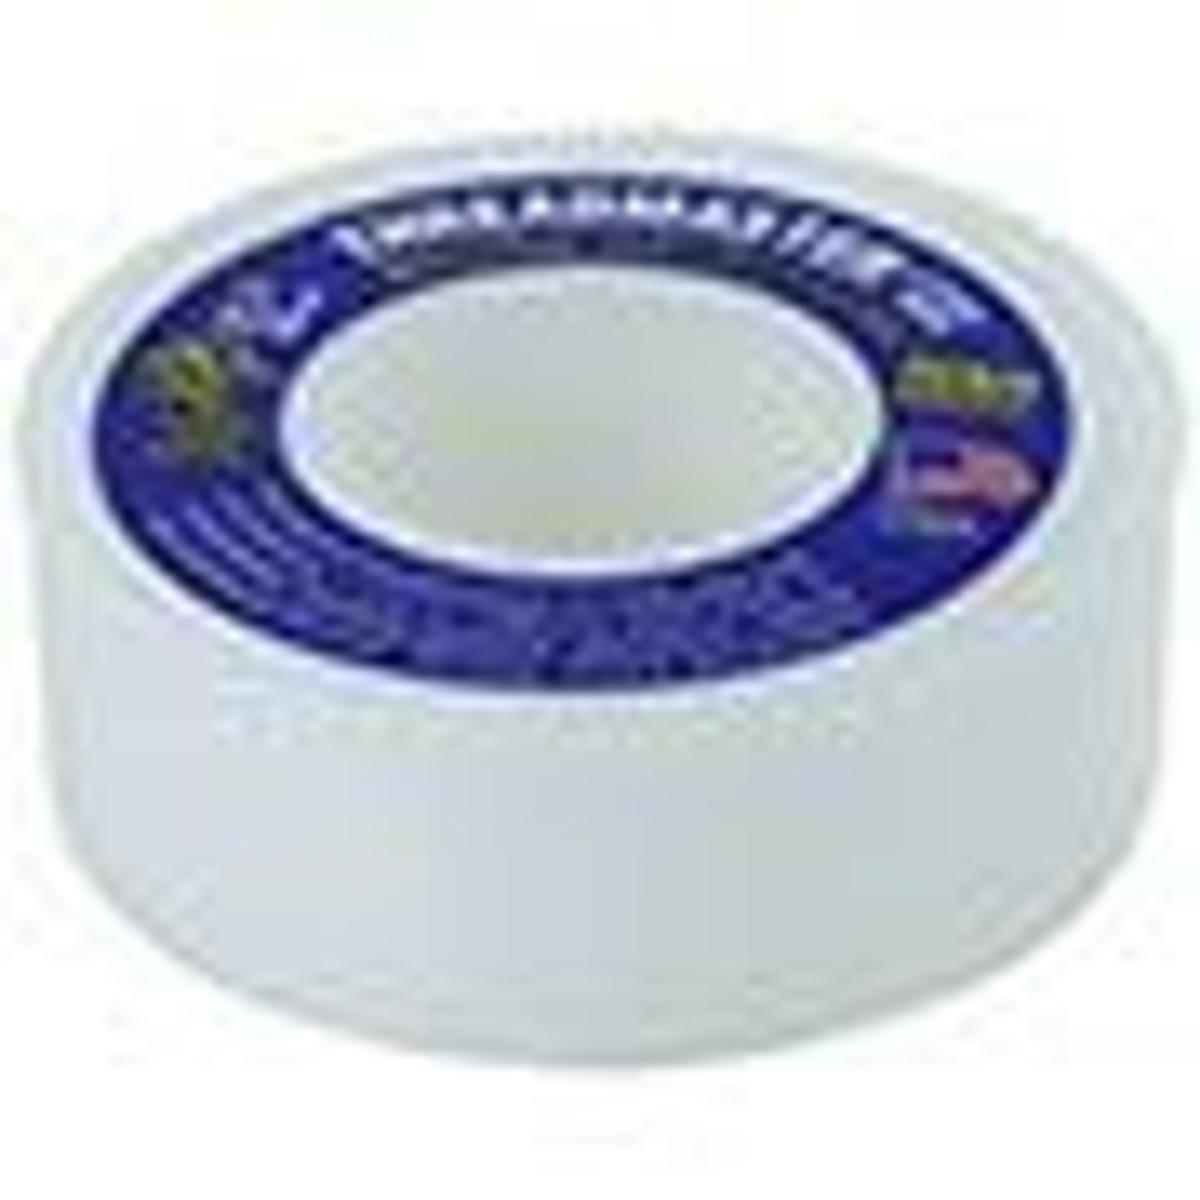 PTFE Plumbers Tape